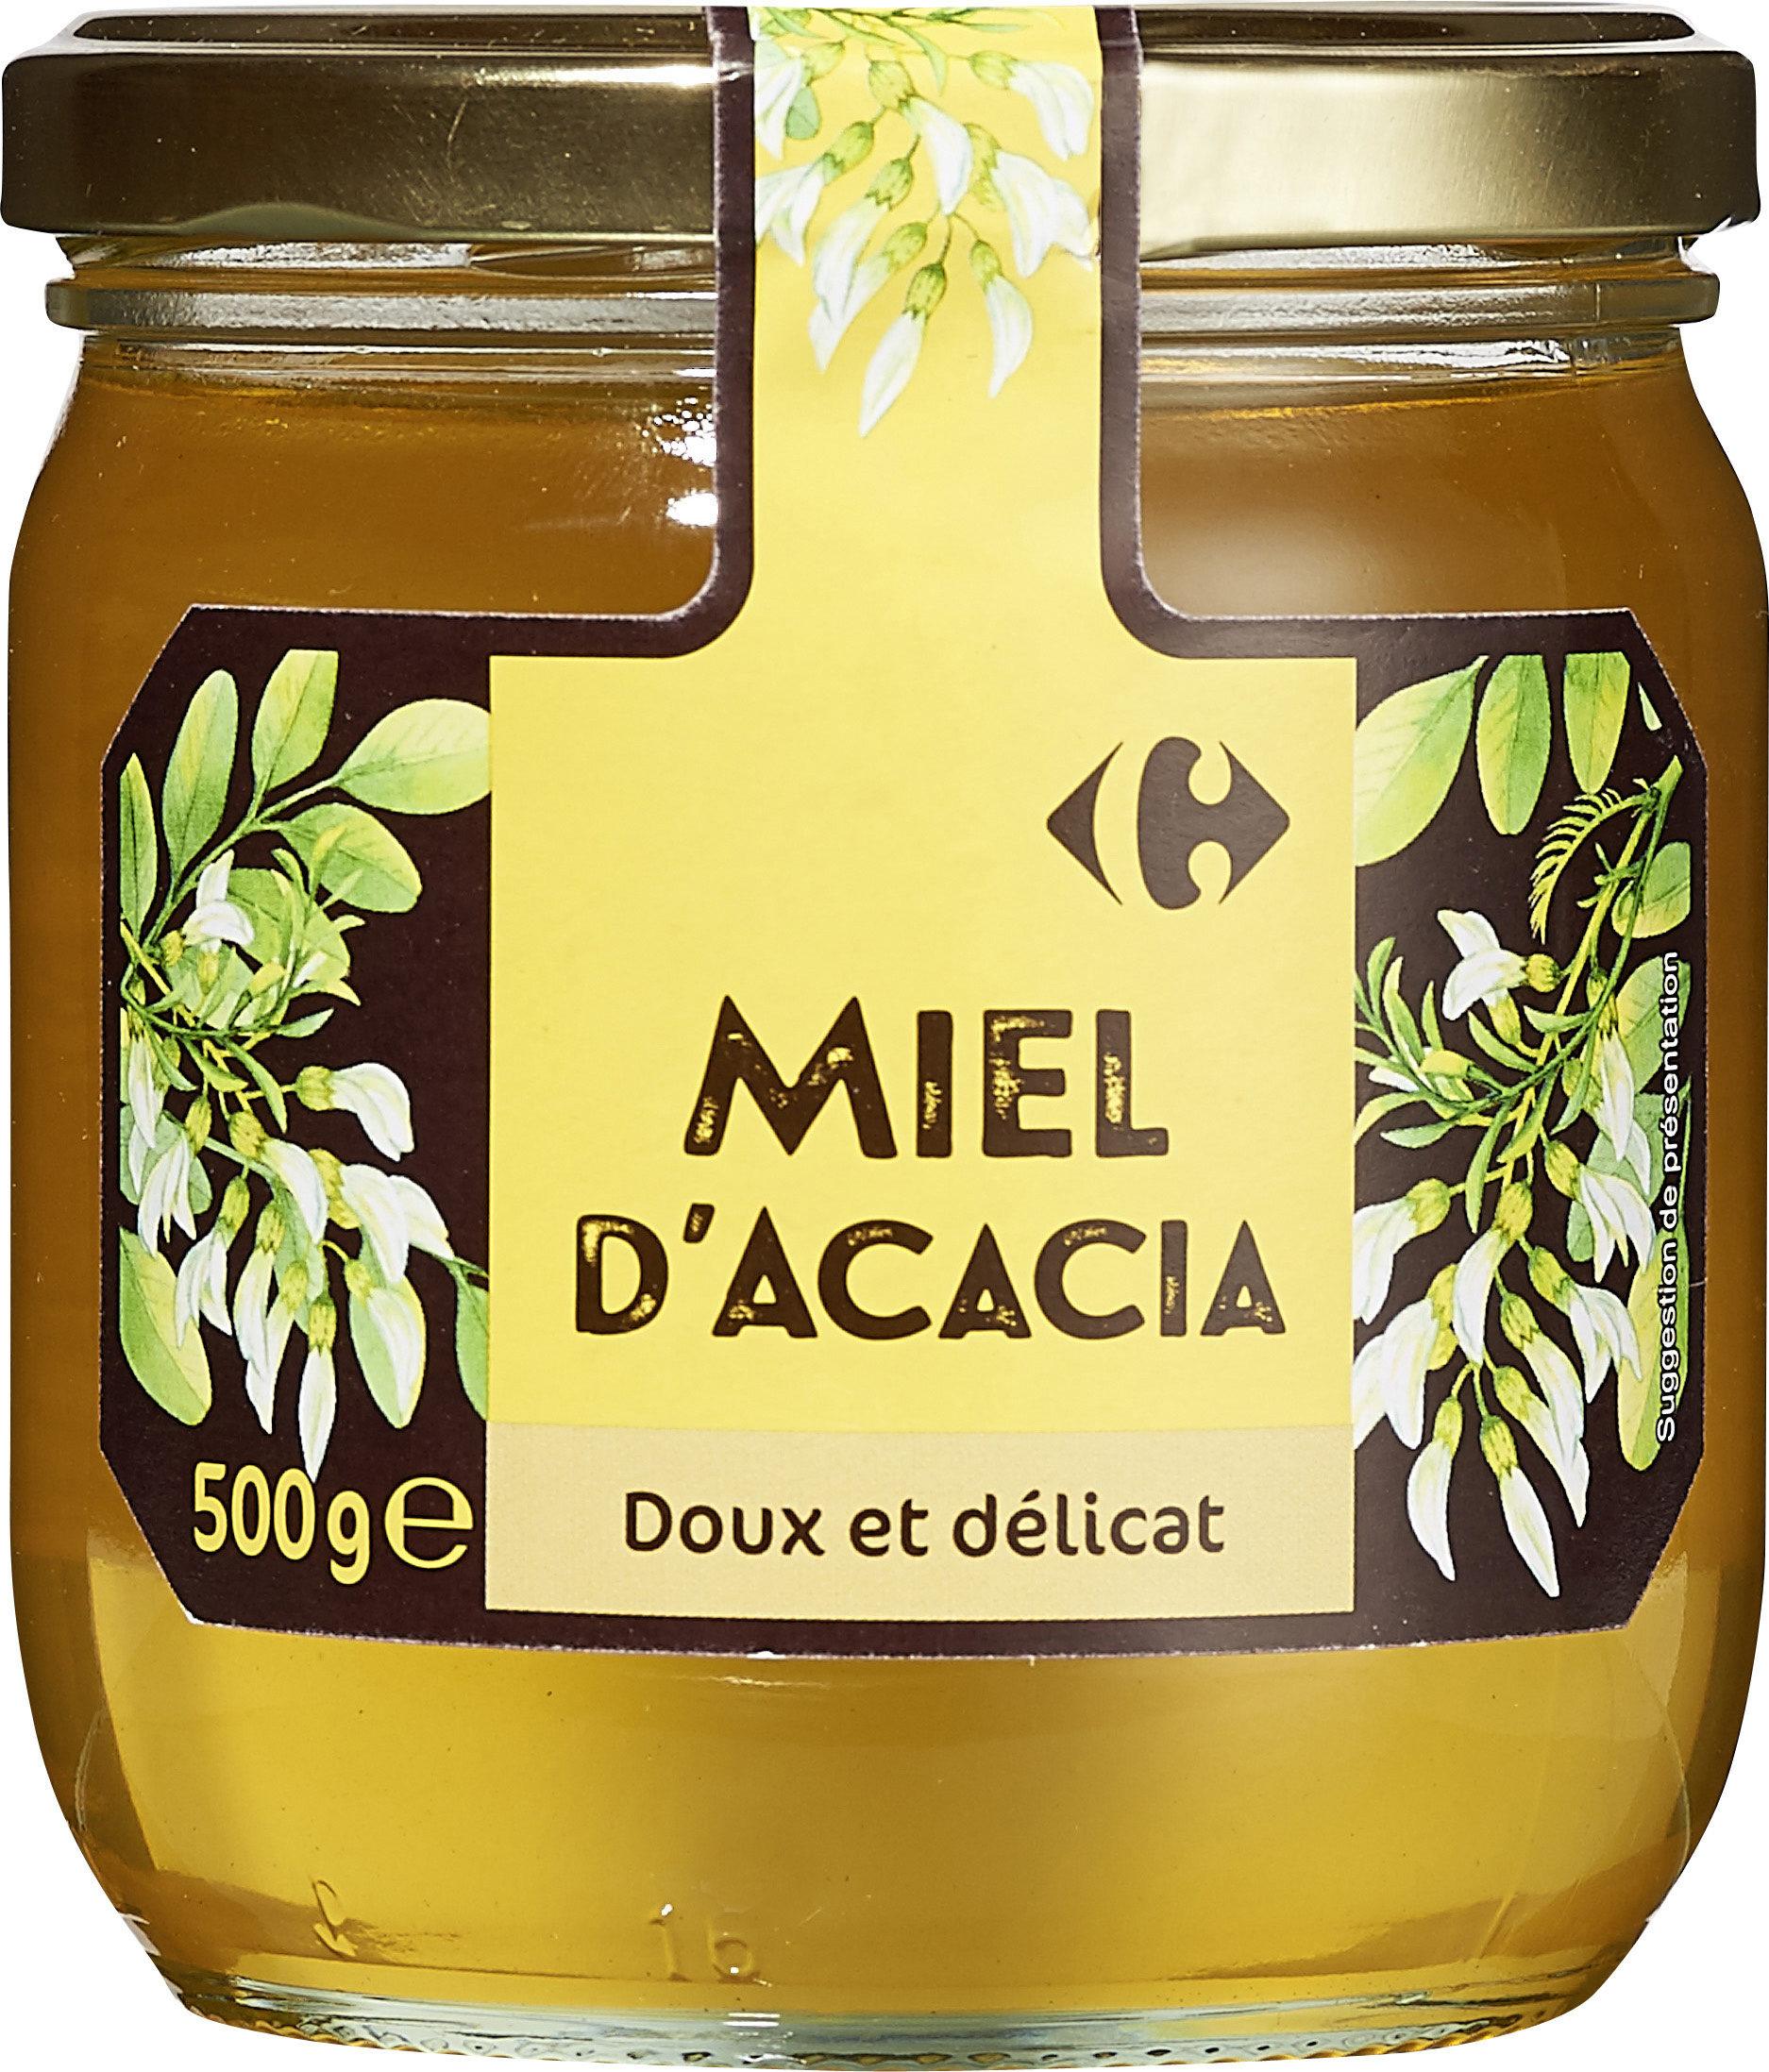 Miel d'Acacia - Product - fr